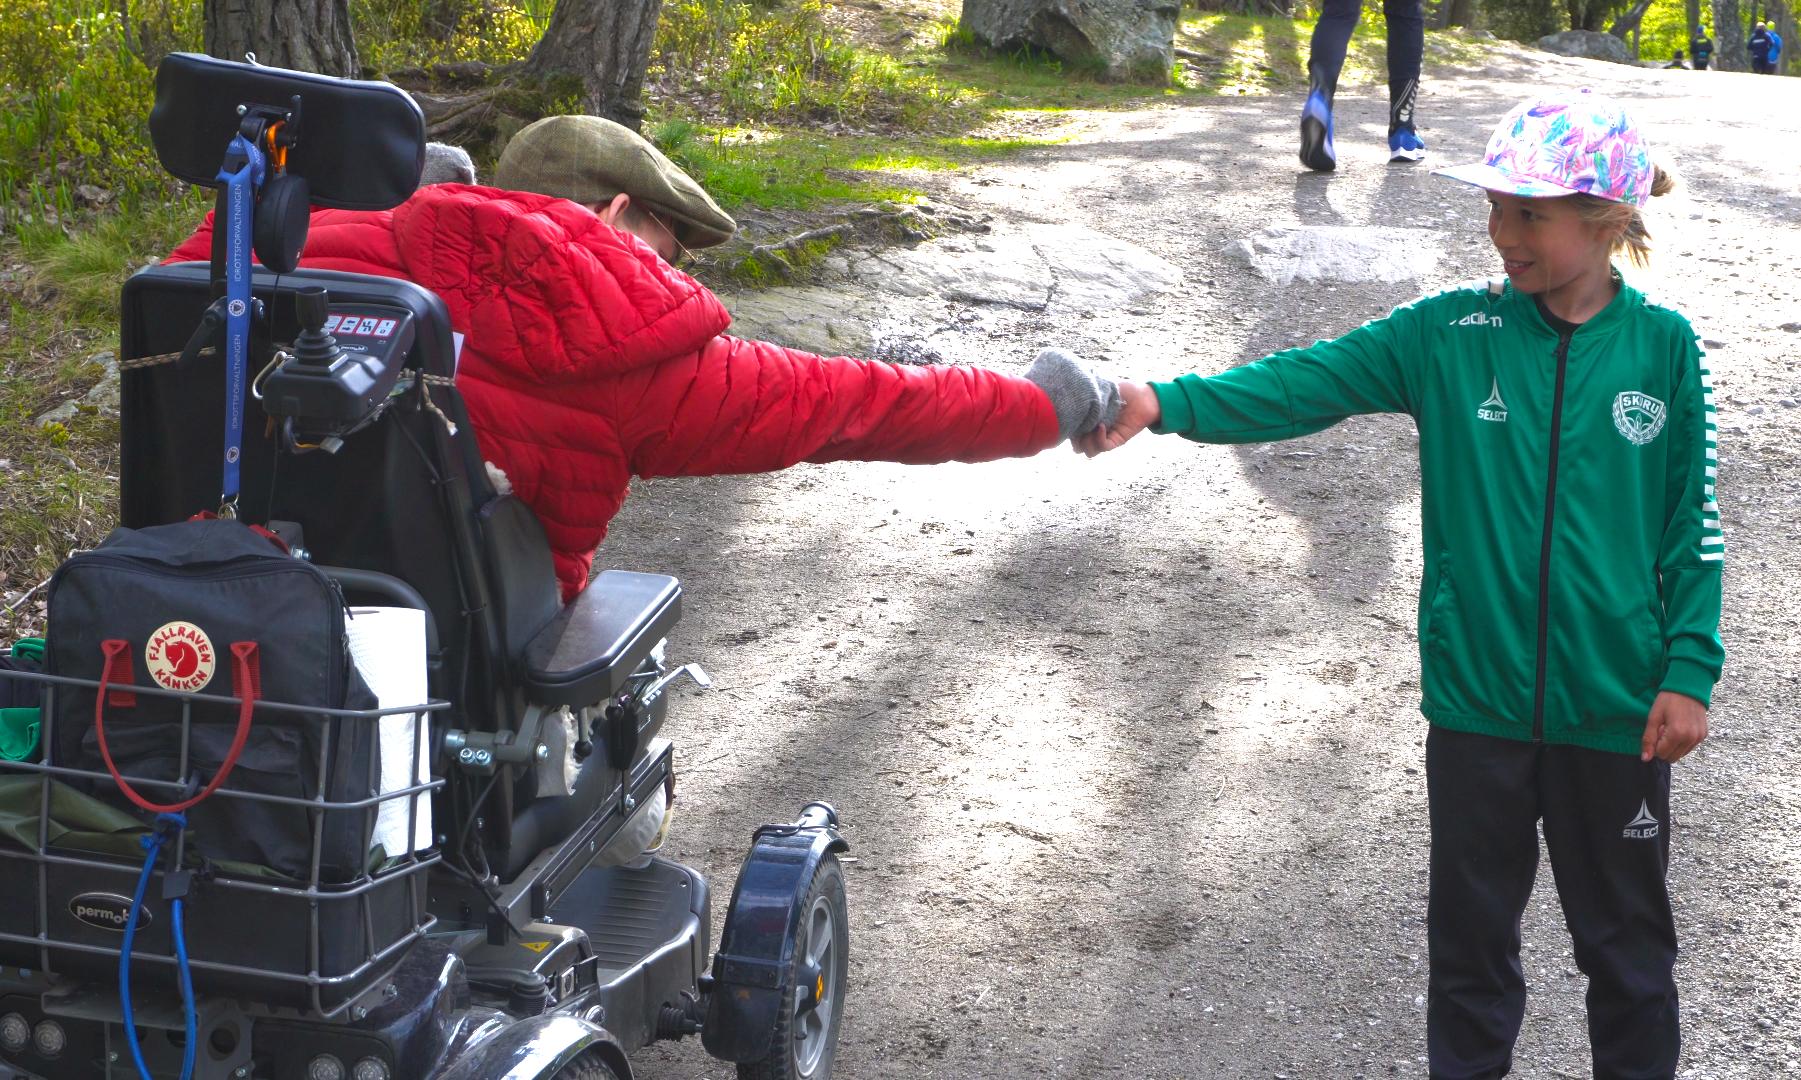 Träningsledaren Adam skakar hand med en ung deltagare. Han sitter i en permobil och har på sig en röd jacka och gråa vantar.